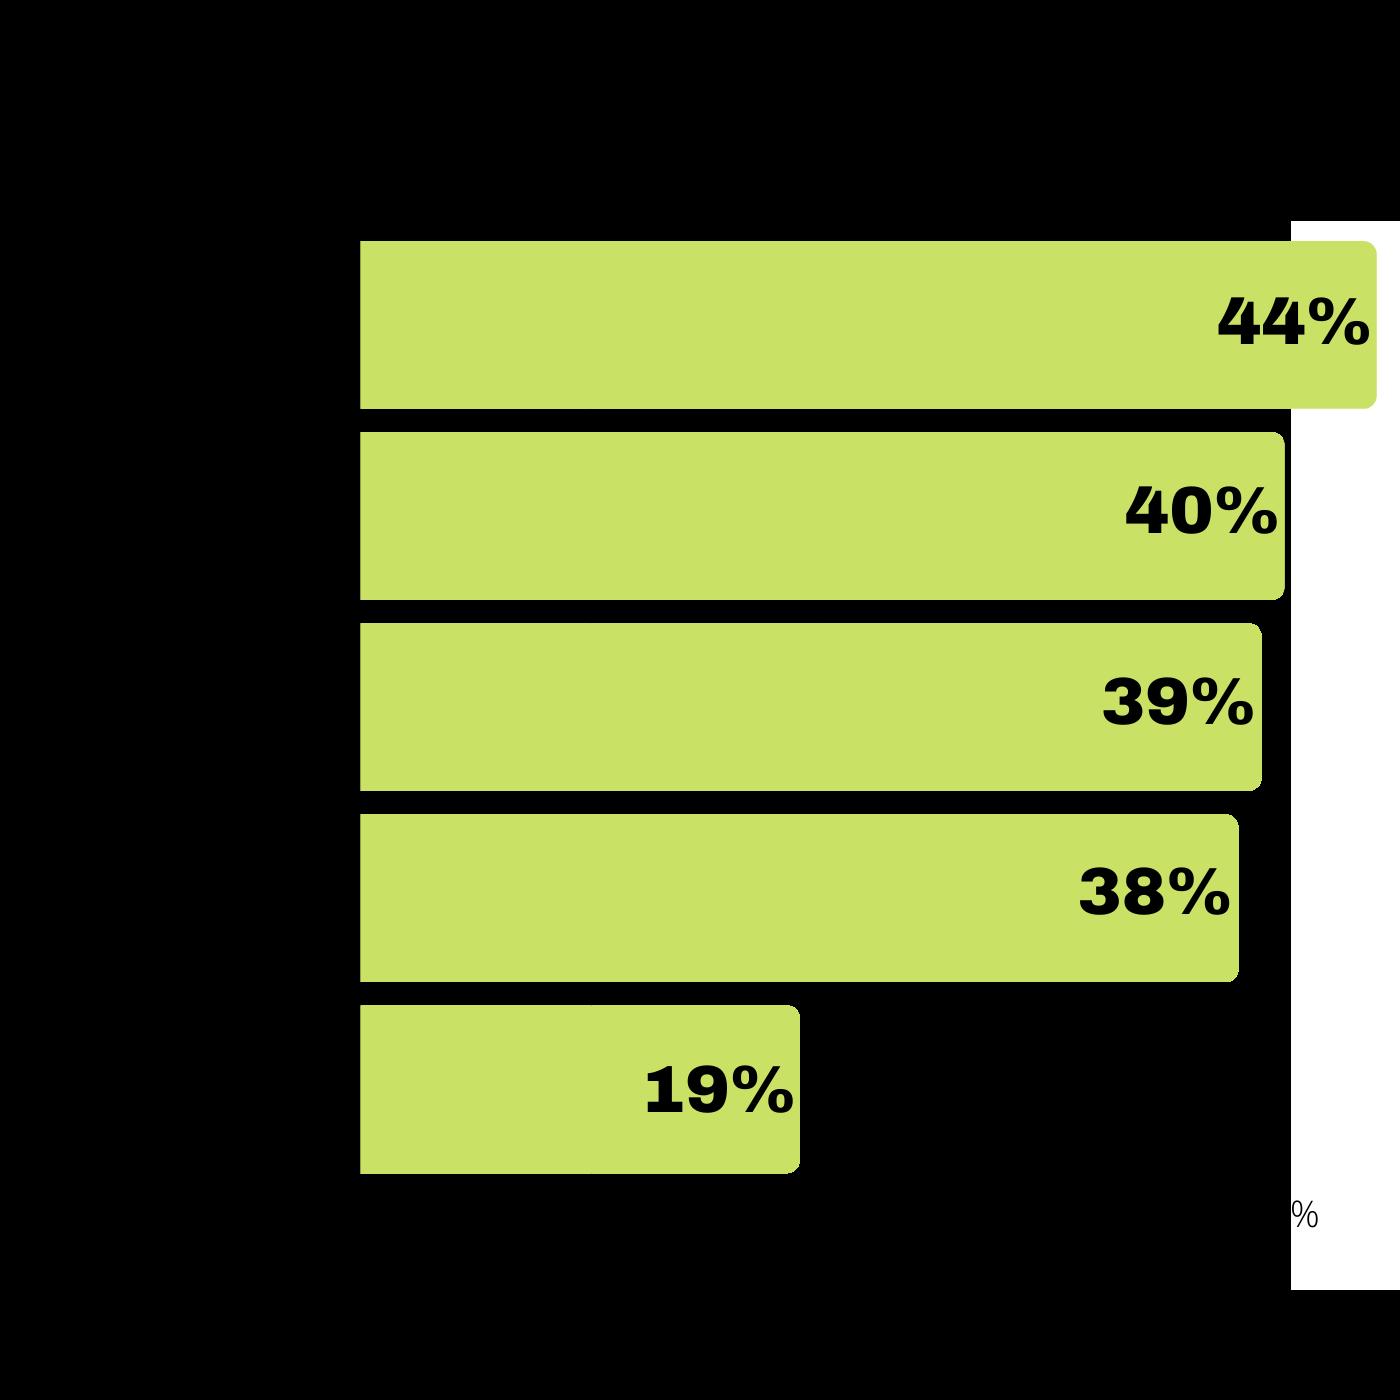 El Sistema De Recogida De Basura En Santa Tecla Las Calles, Más Limpias. Aspectos positivos Santa Tecla. Infografía. Roberto d'Aubuisson. 2021